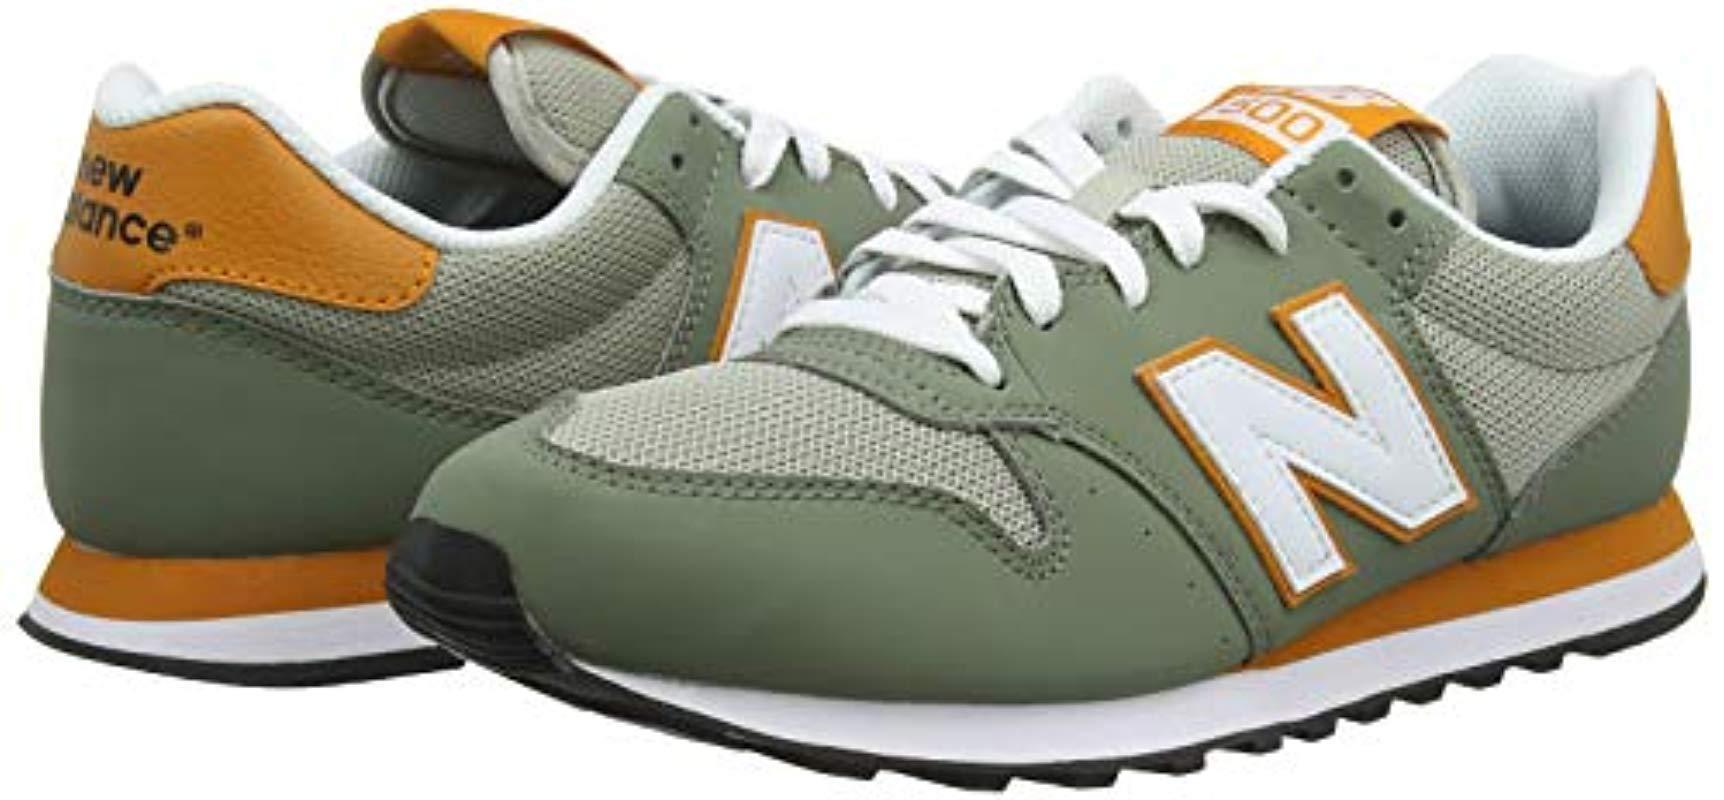 New Balance Herren 500v1 Sneaker, weiß/blau in Grün für ...